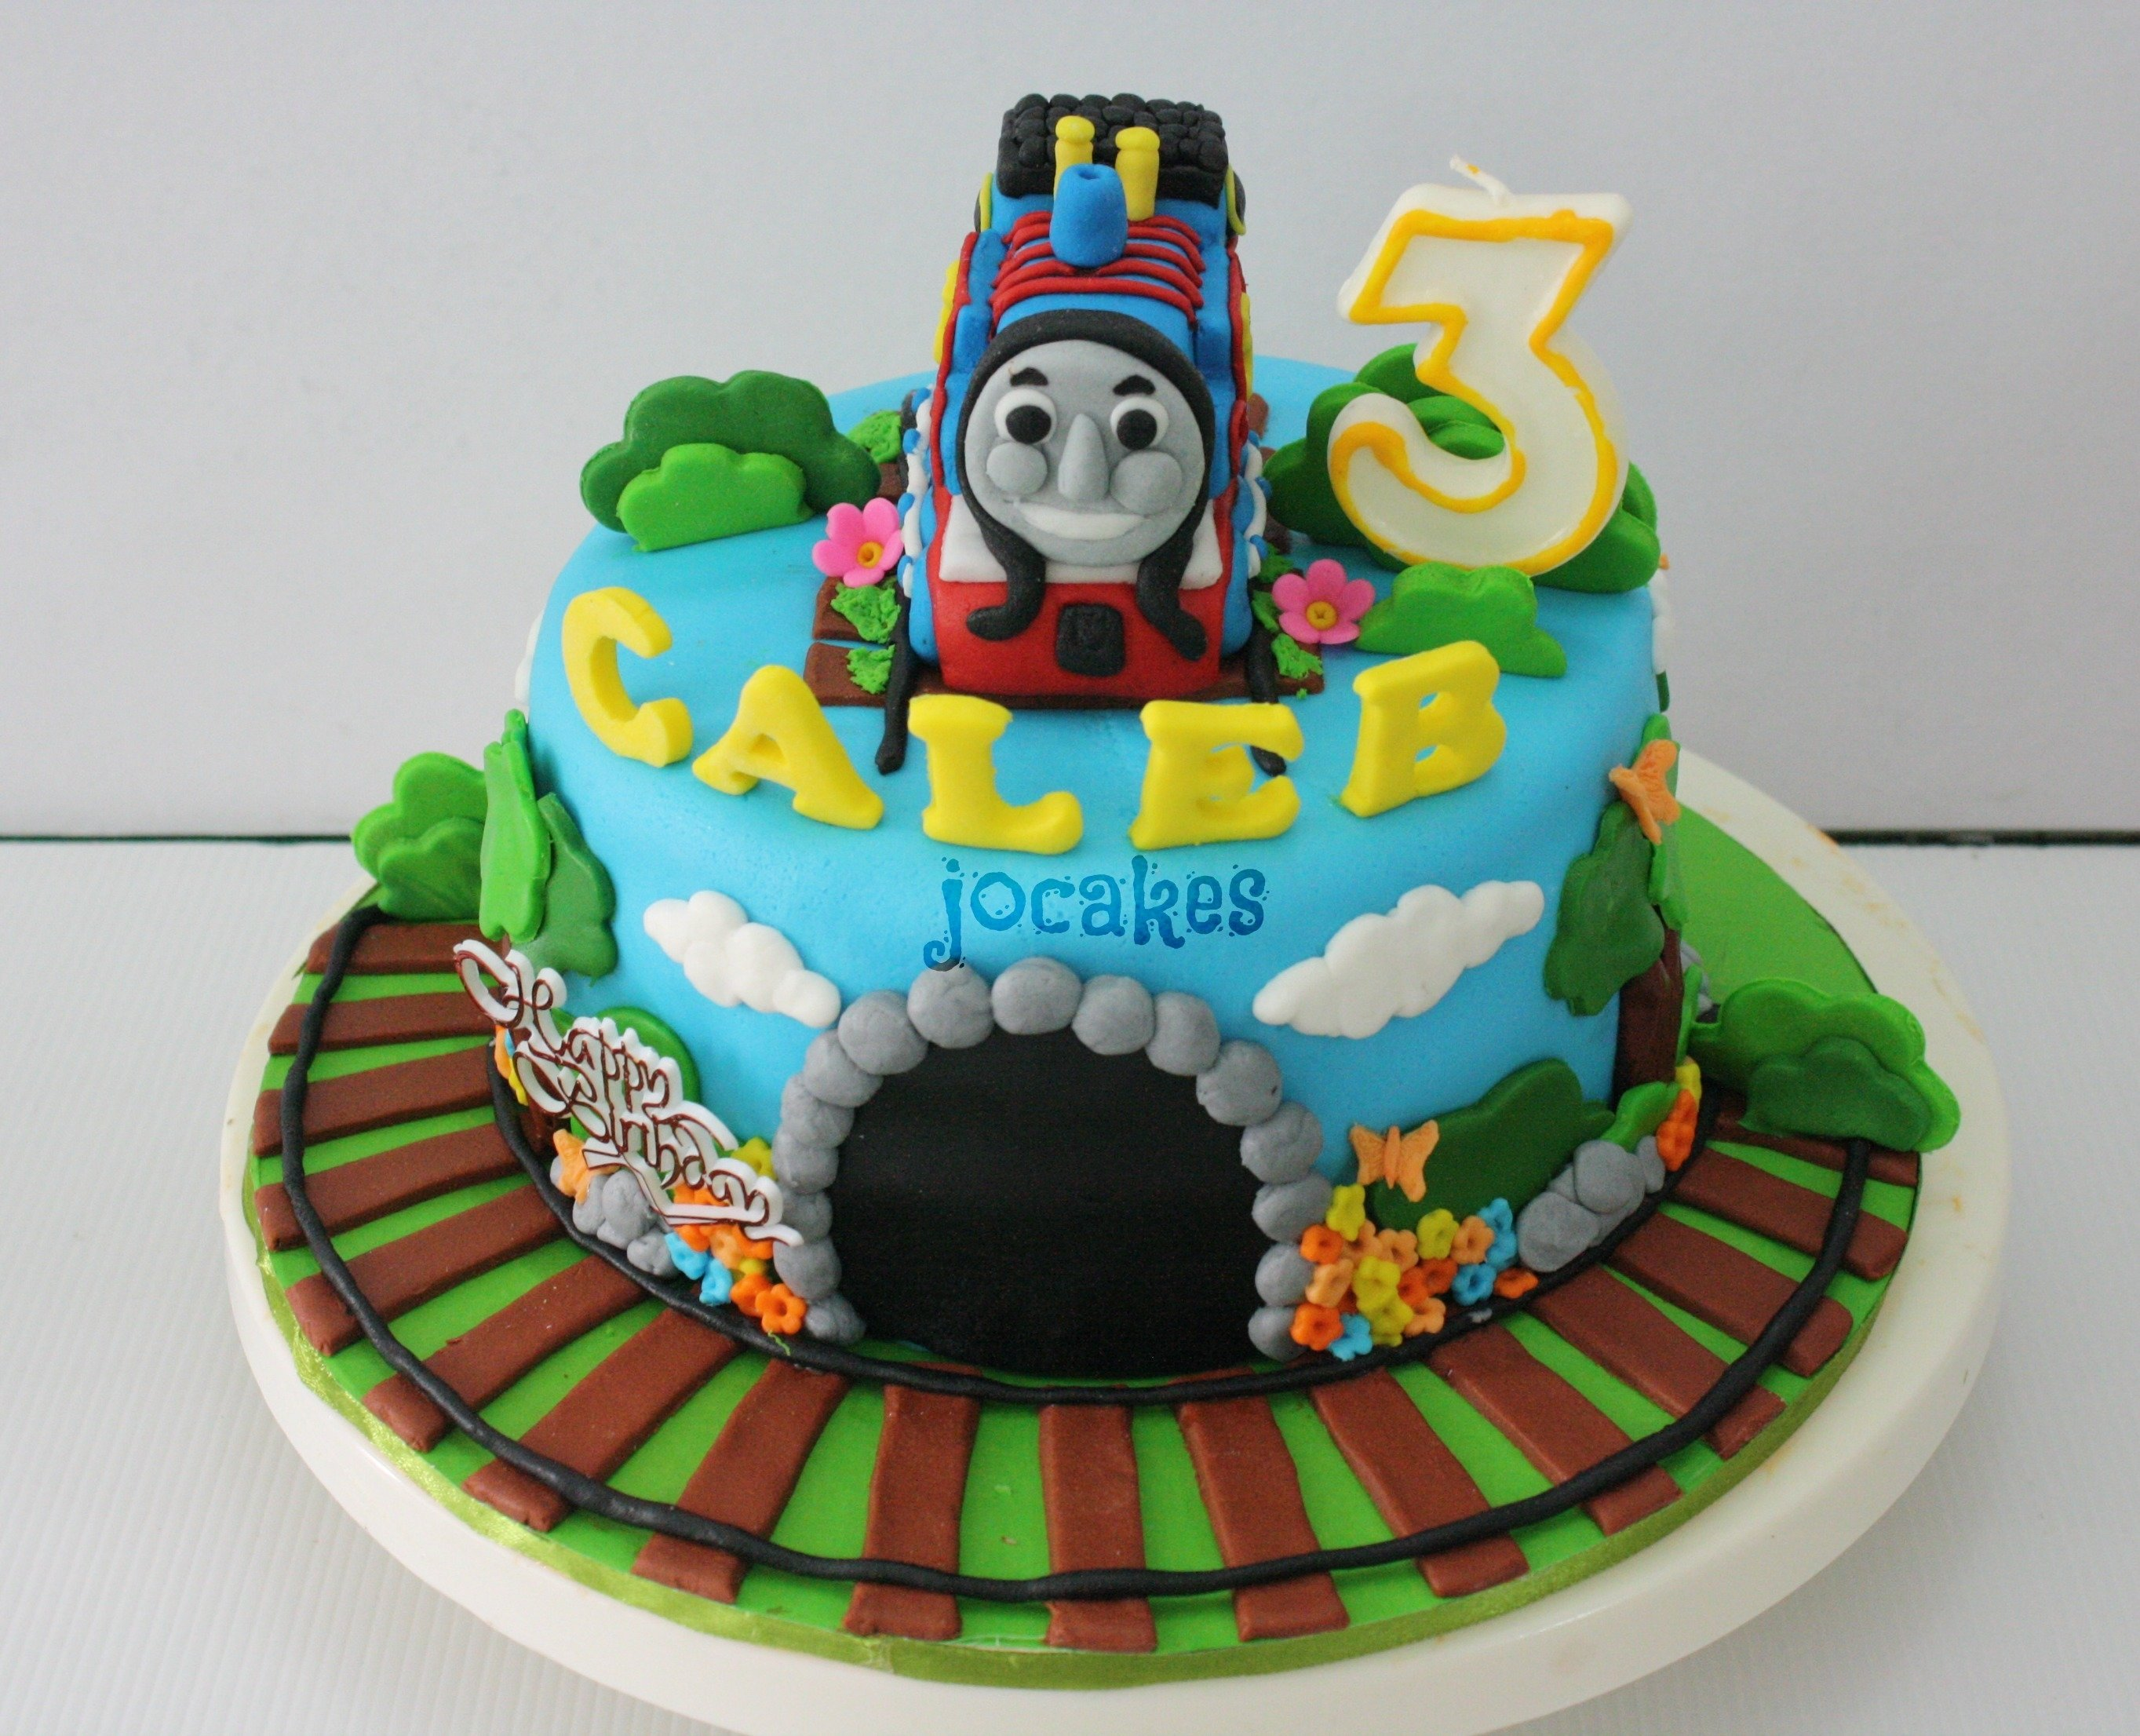 10 Amazing Thomas The Train Cakes Ideas thomas the train cake designs thomas the train cake for toddlers 2021